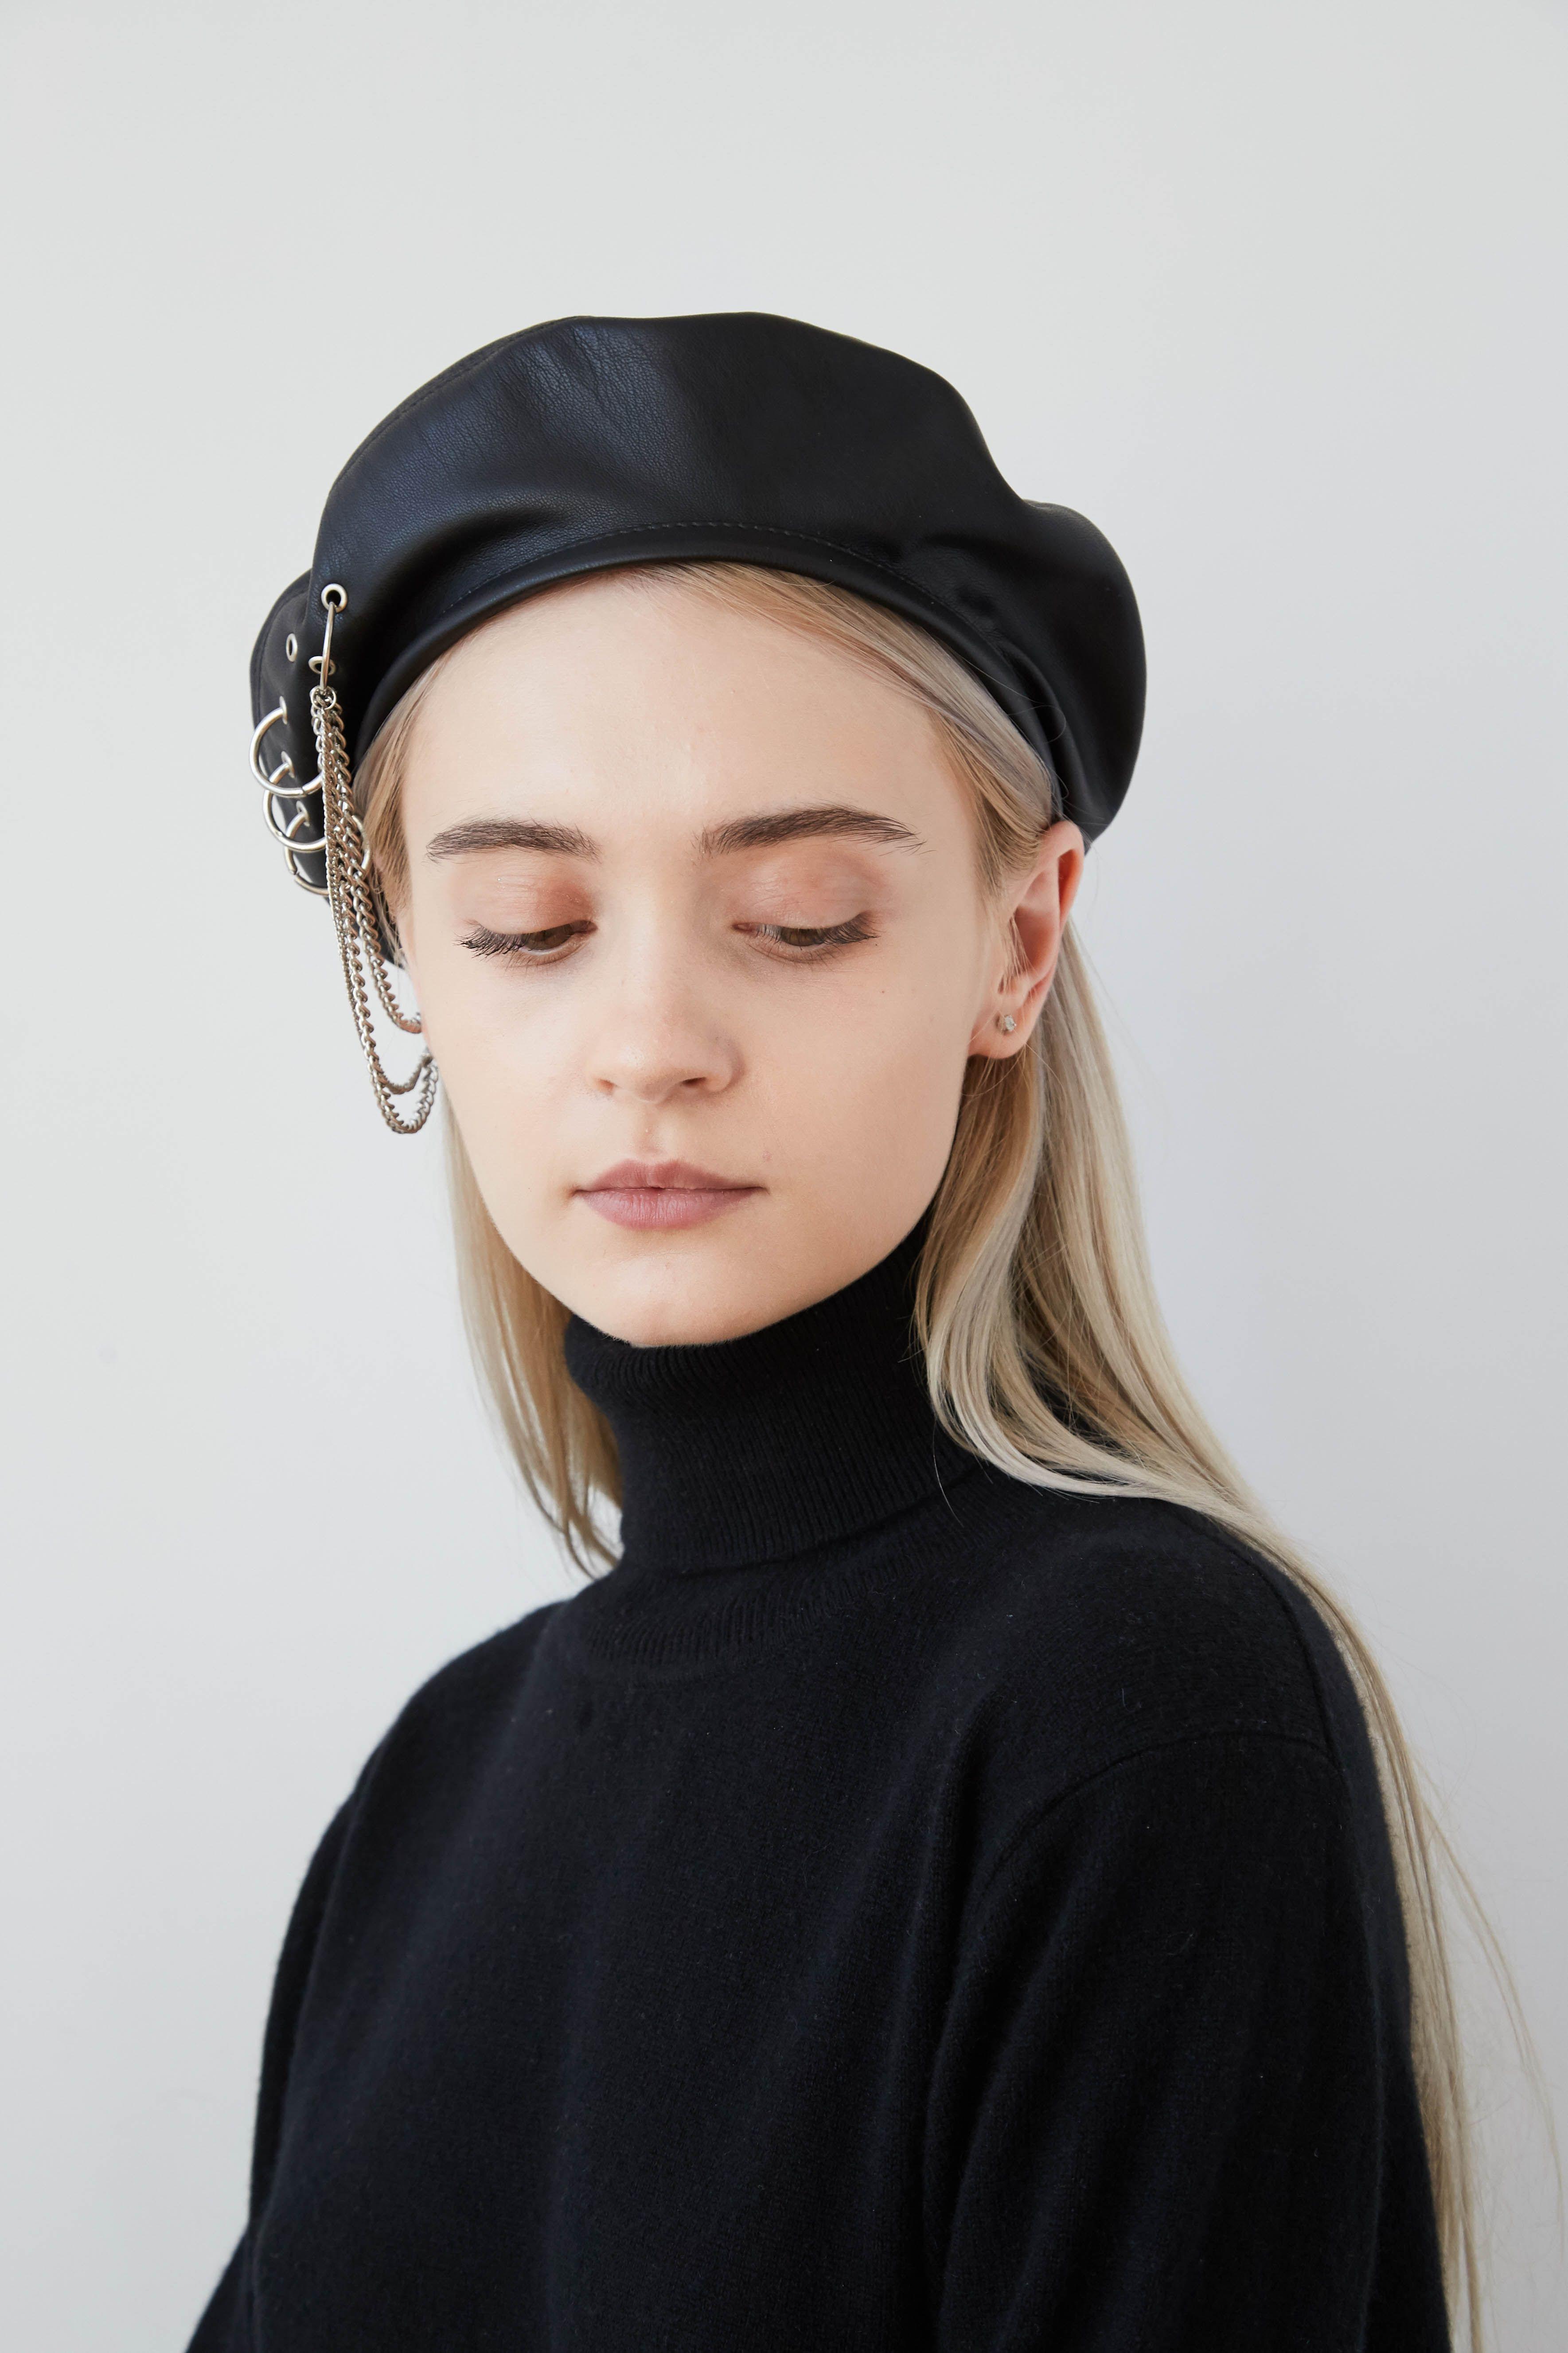 EVA Black eco leather beret with eyelets 11f3bf854fe